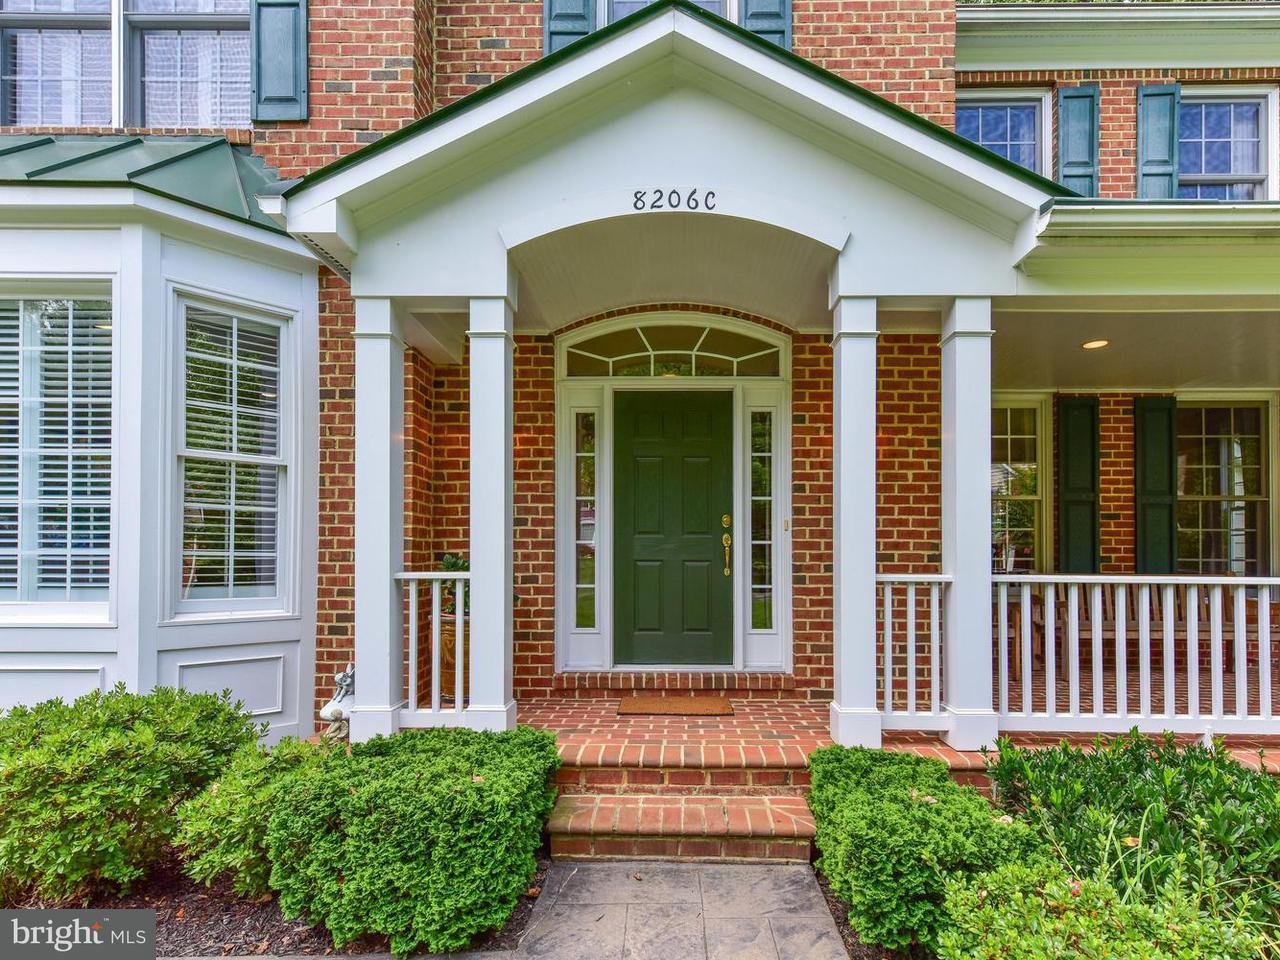 Μονοκατοικία για την Πώληση στο 8206C HILLCREST Road 8206C HILLCREST Road Annandale, Βιρτζινια 22003 Ηνωμενεσ Πολιτειεσ